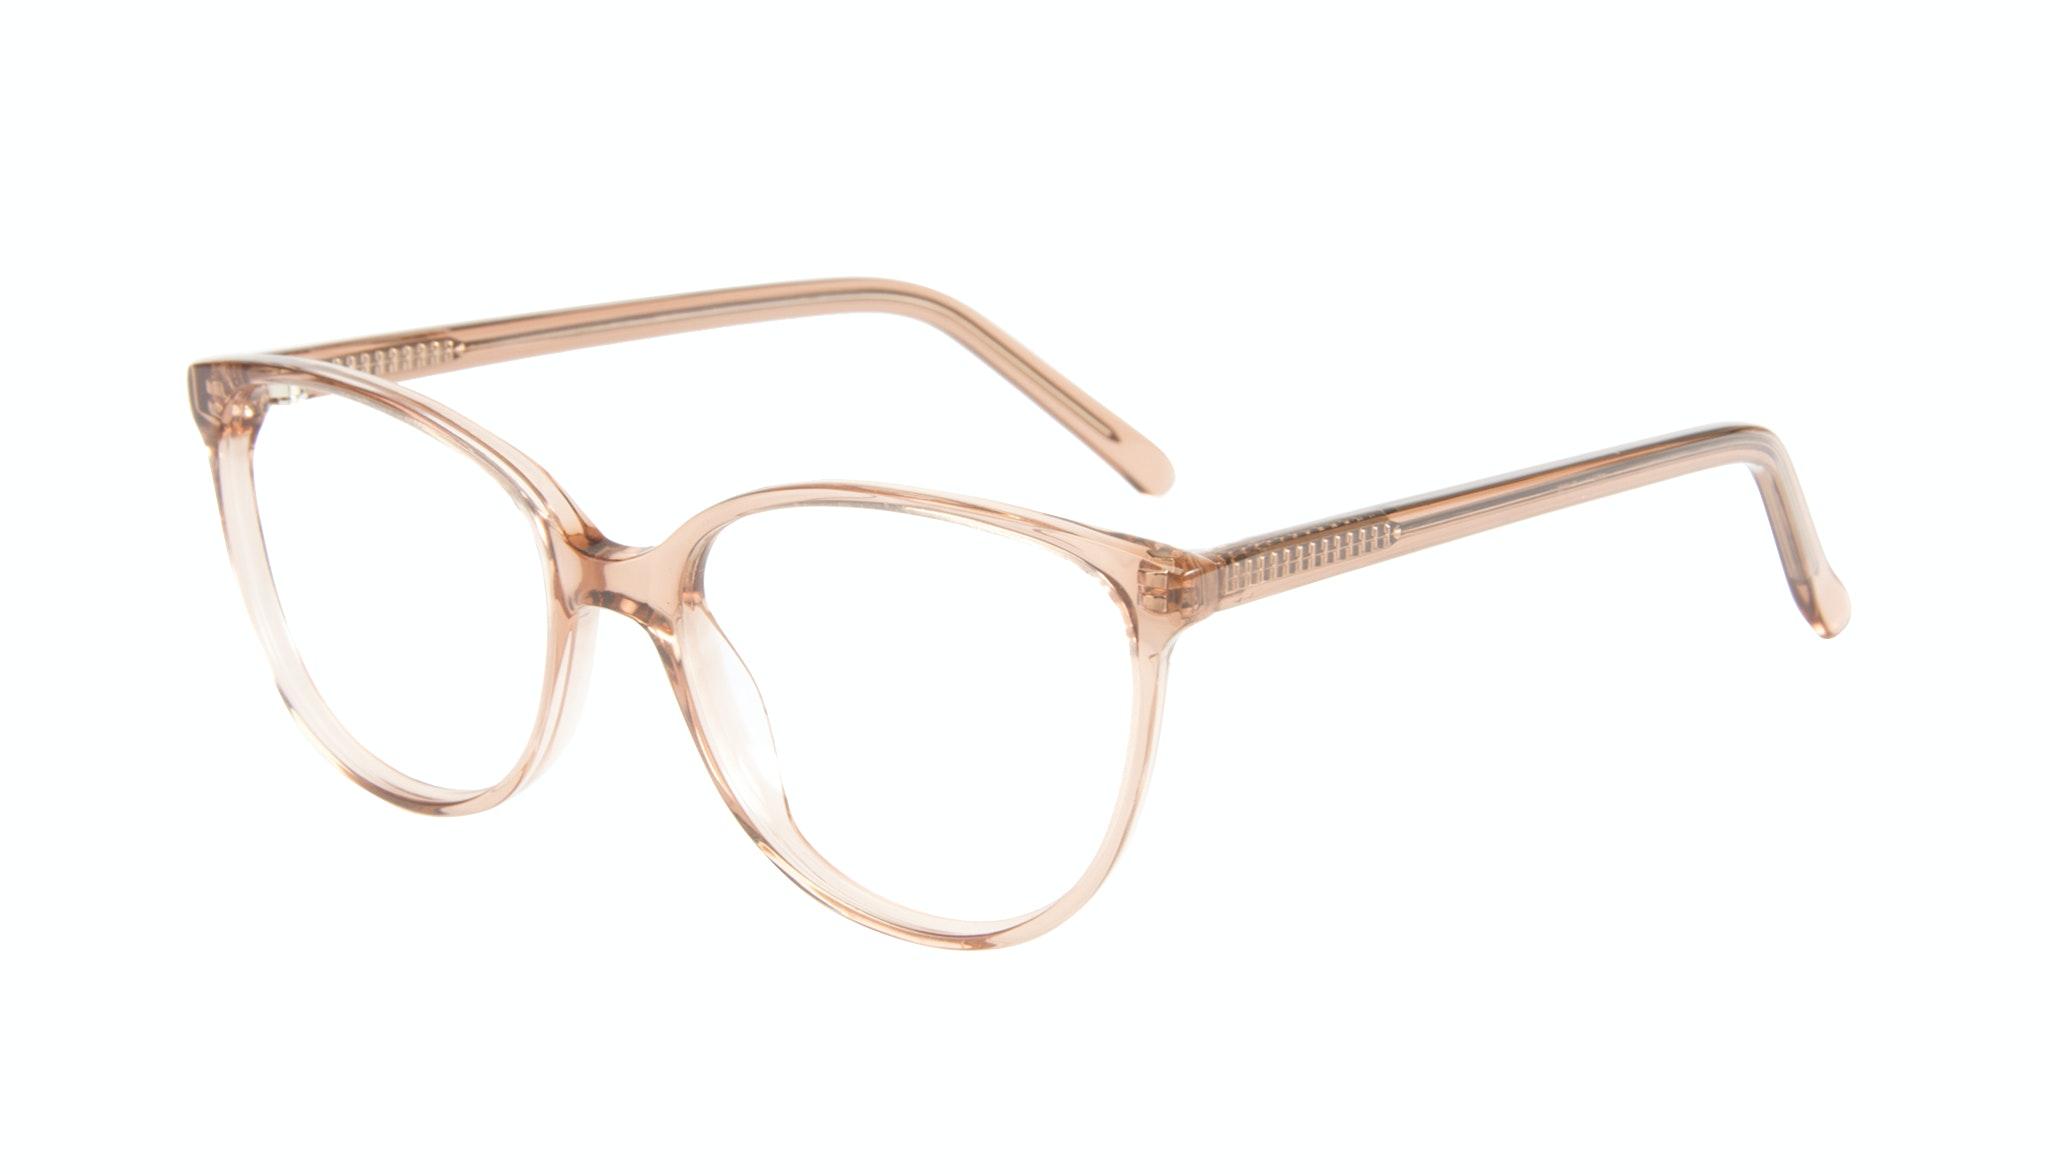 Affordable Fashion Glasses Cat Eye Eyeglasses Women Imagine Petite Rose Tilt